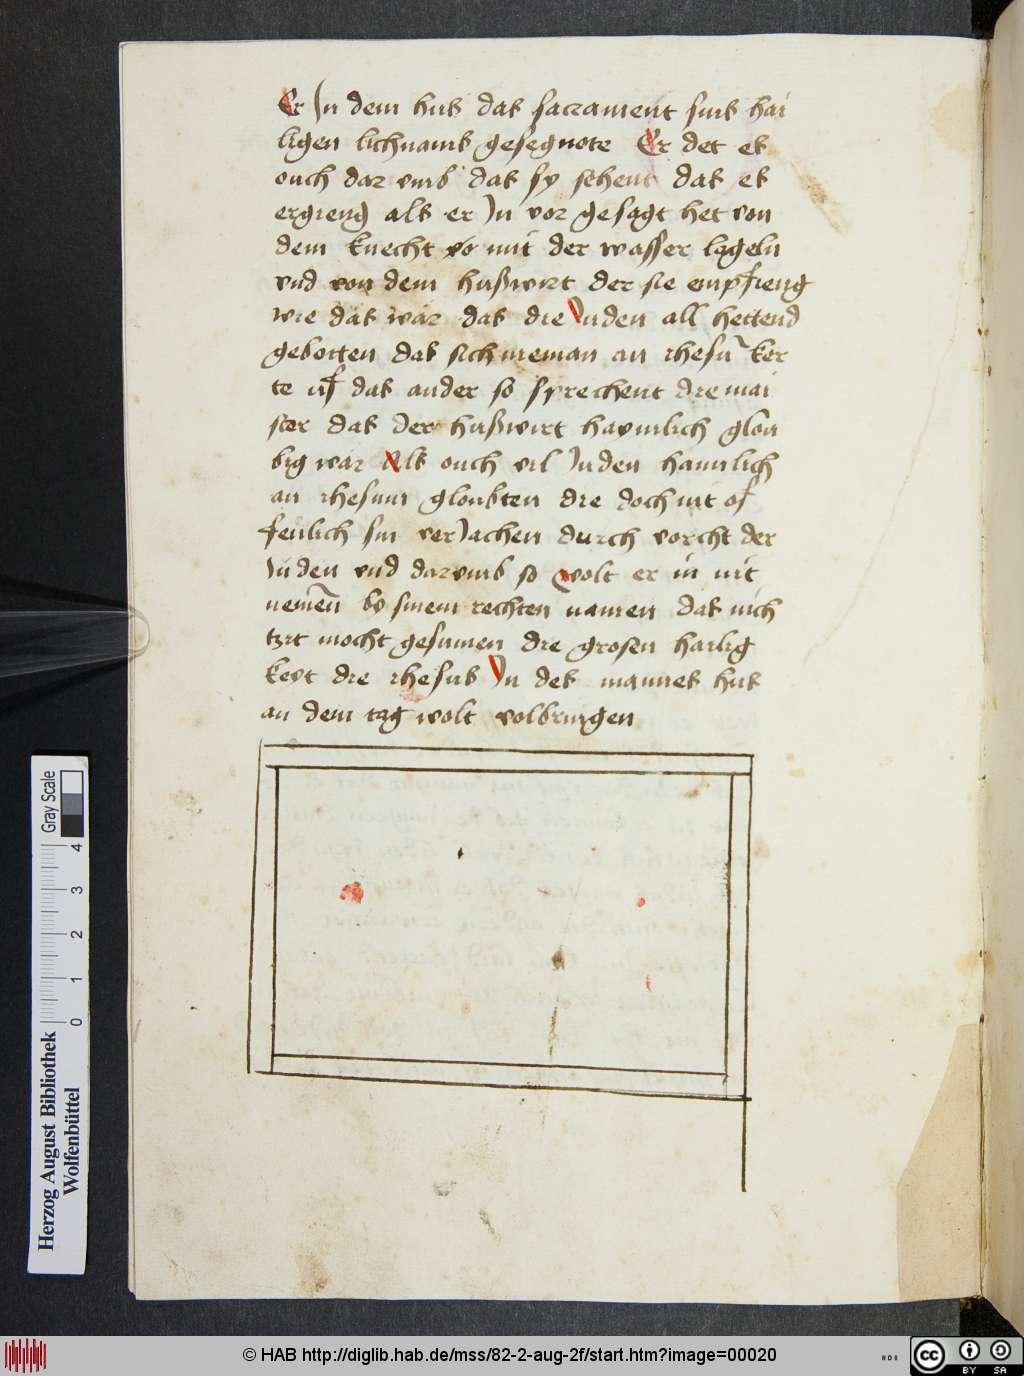 http://diglib.hab.de/mss/82-2-aug-2f/00020.jpg